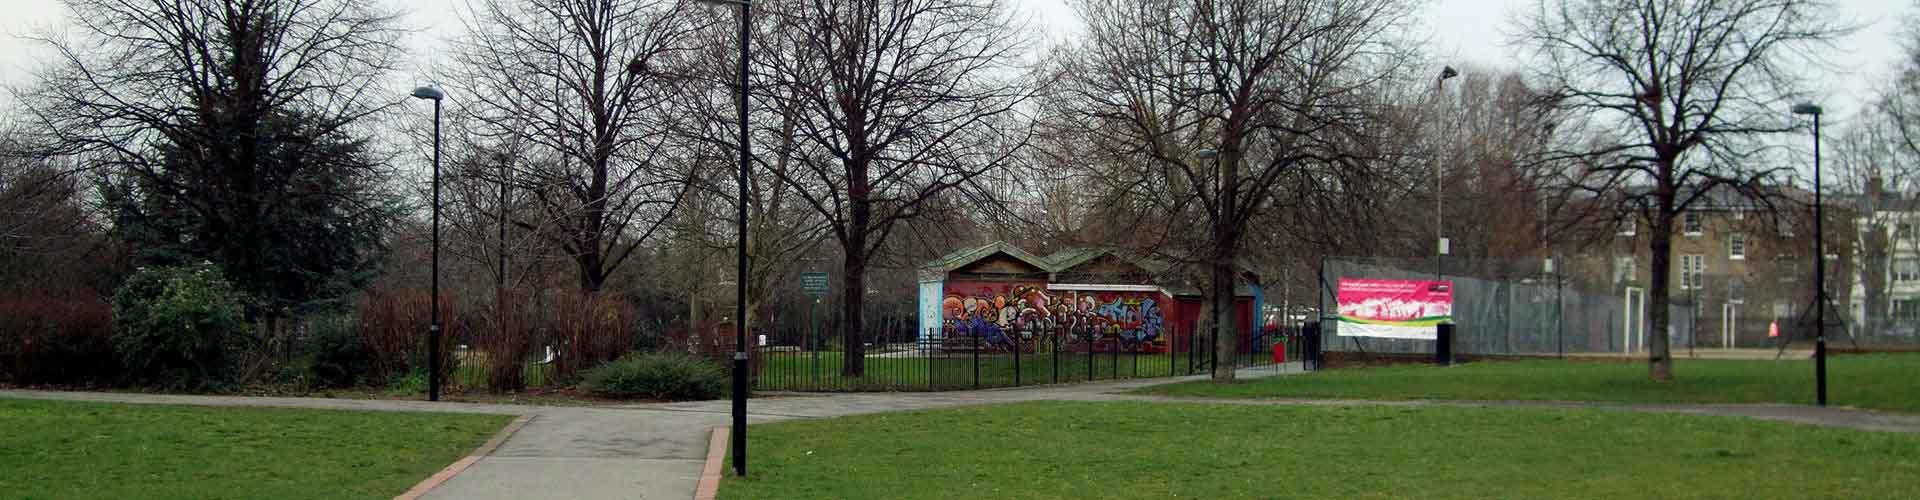 런던 - Borough of Islington 지구의 호스텔. 런던의 지도, 런던에 위치한 호스텔 사진 및 후기 정보.